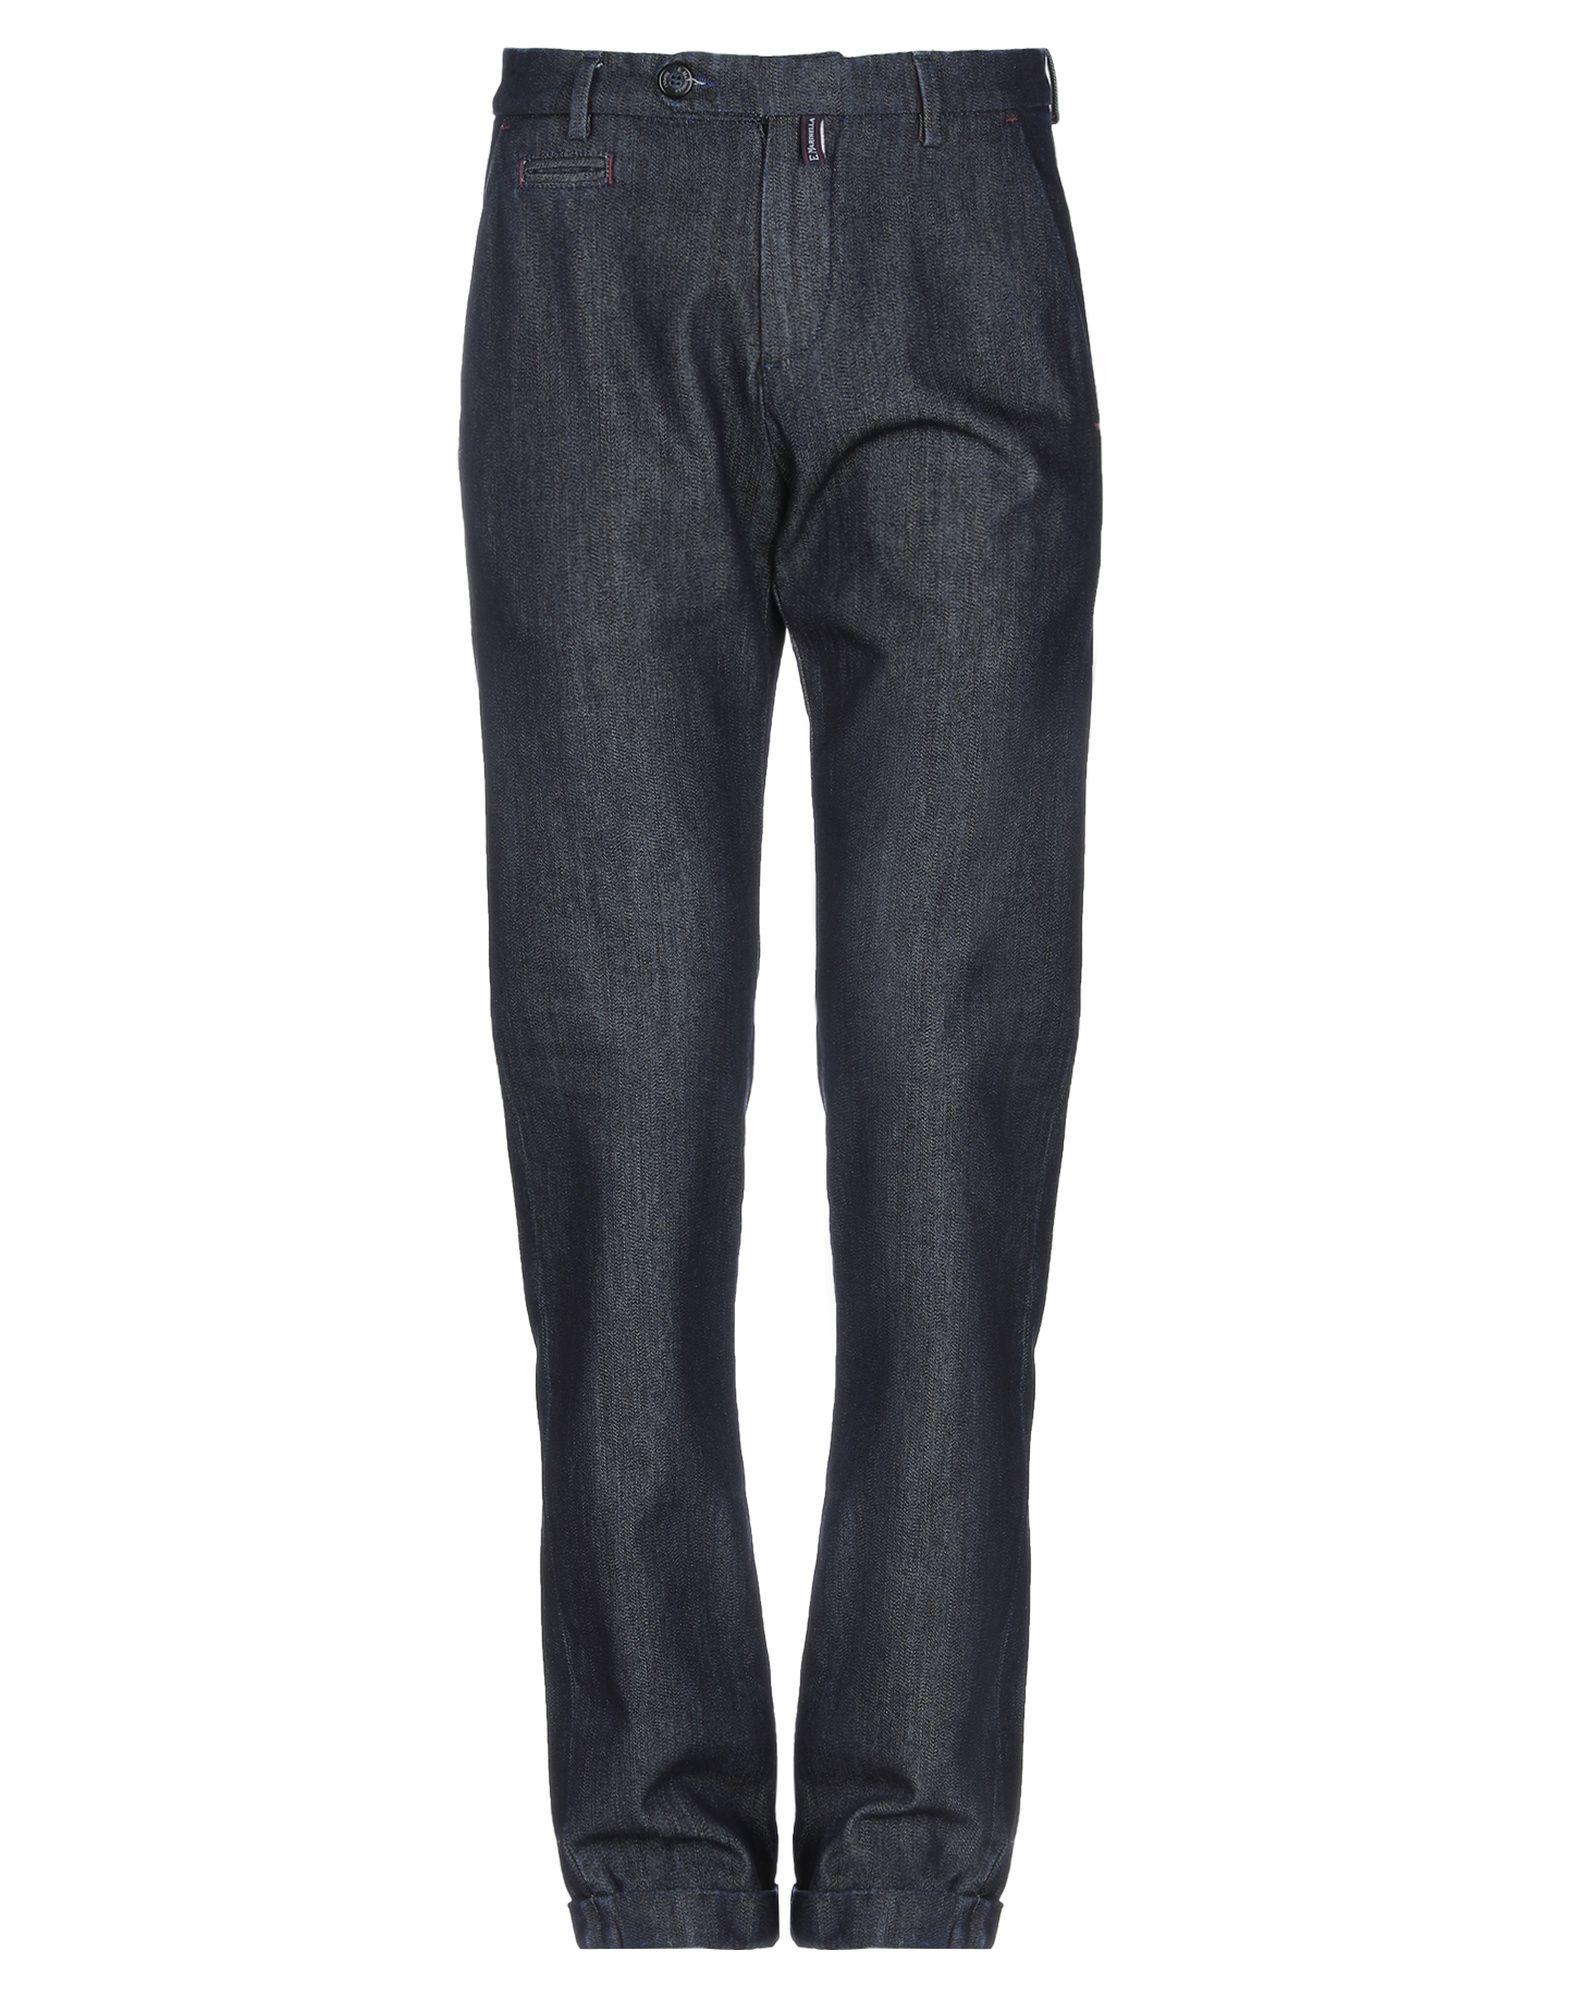 《セール開催中》E.MARINELLA メンズ ジーンズ ブルー 32 コットン 98% / ポリウレタン 2%